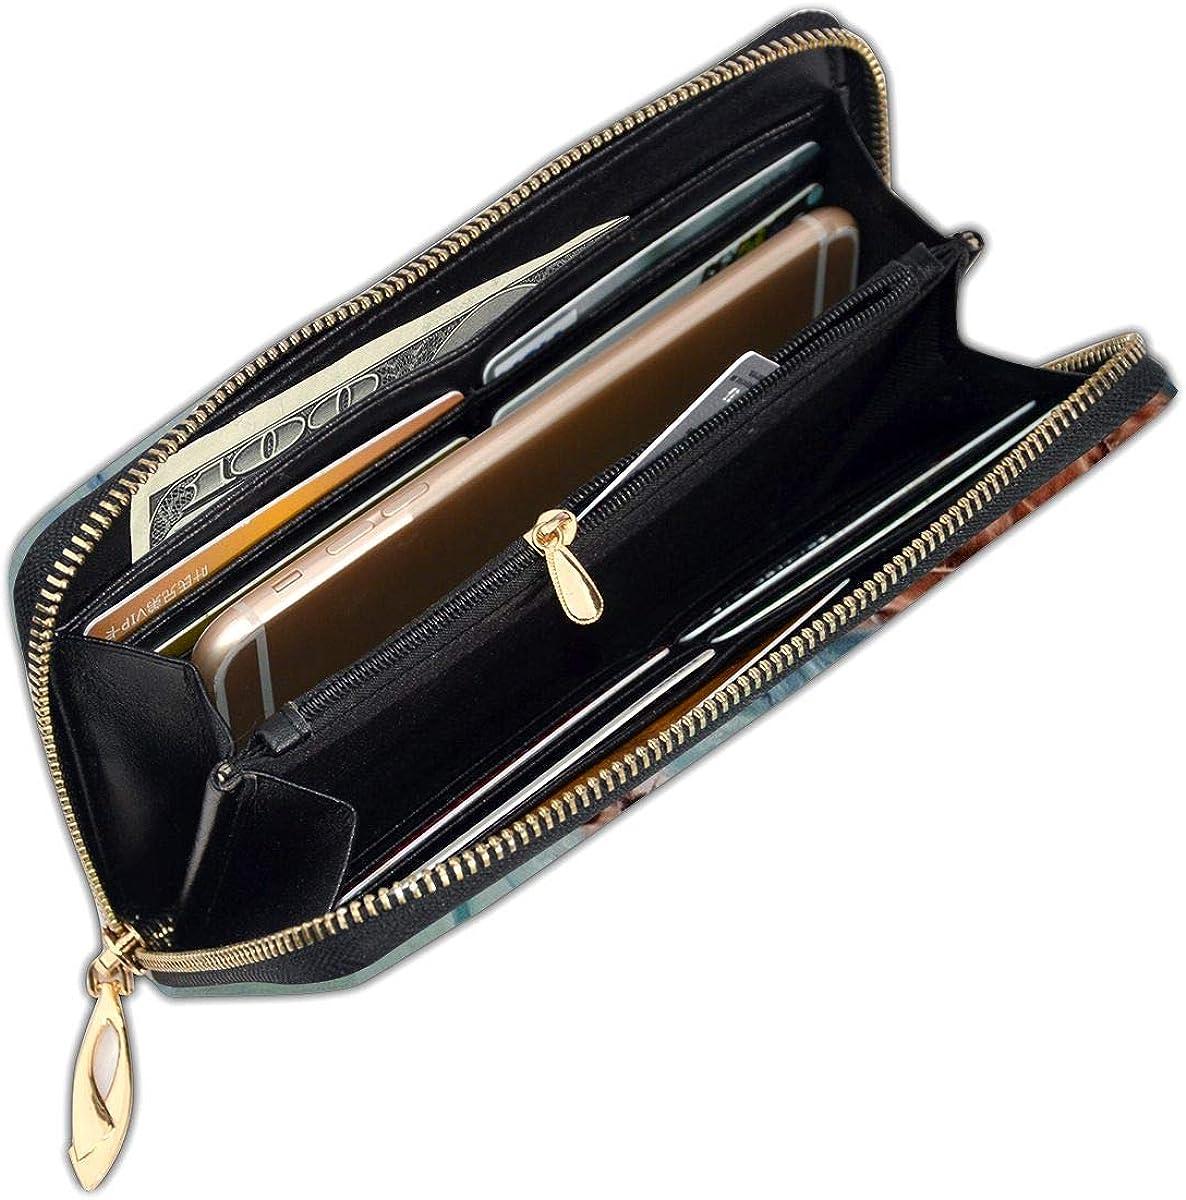 Women Genuine Leather Wallets Digital Turtle Credit Card Holder Organizer Ladies Purse Zipper Around Clutch Cash Pocket